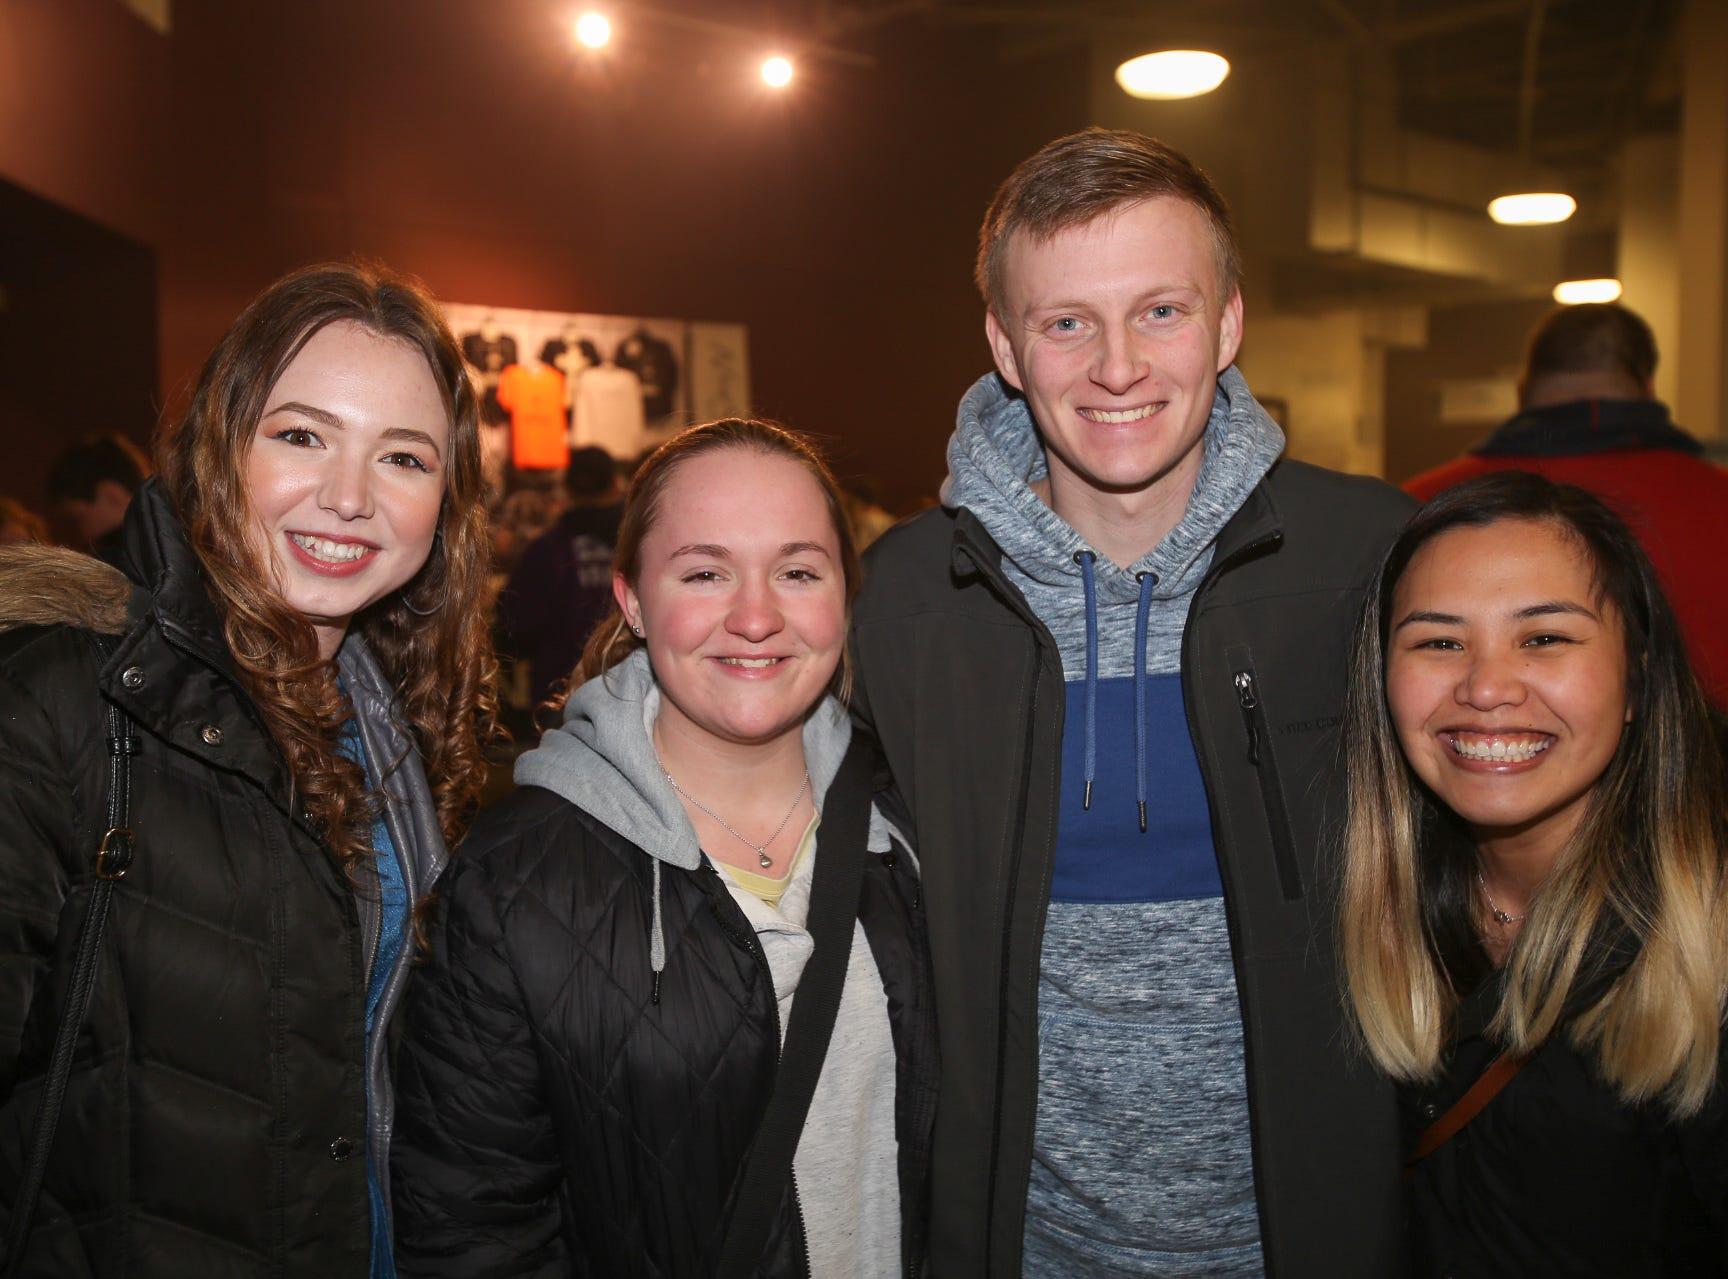 Cherie Pina, Kharli Schiffner, Blake and Esy White